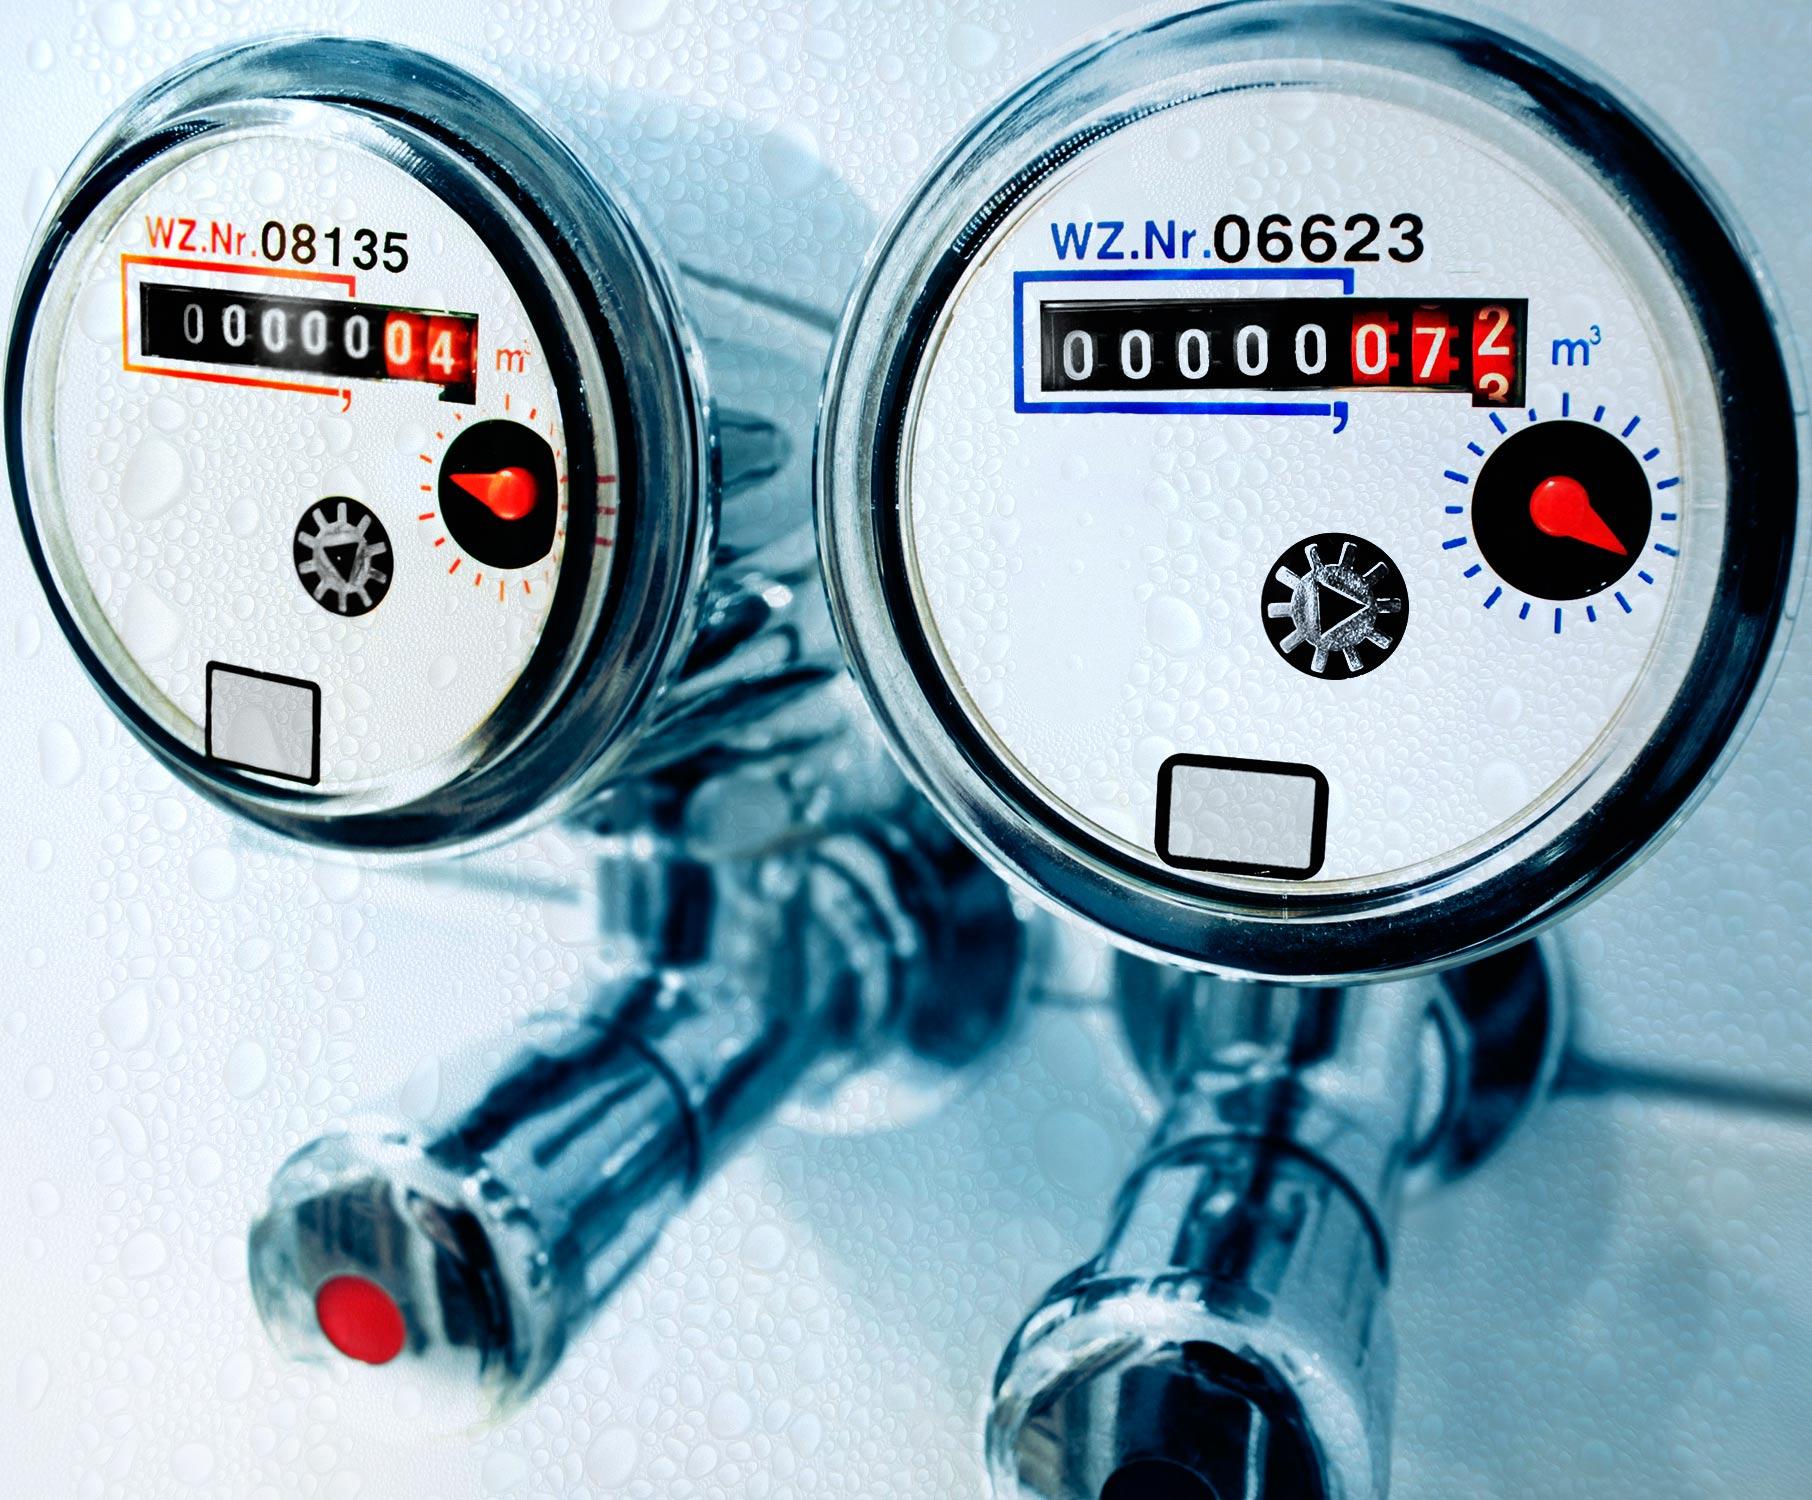 Поставщик воды призывает потребителей защищать водомеры от морозов